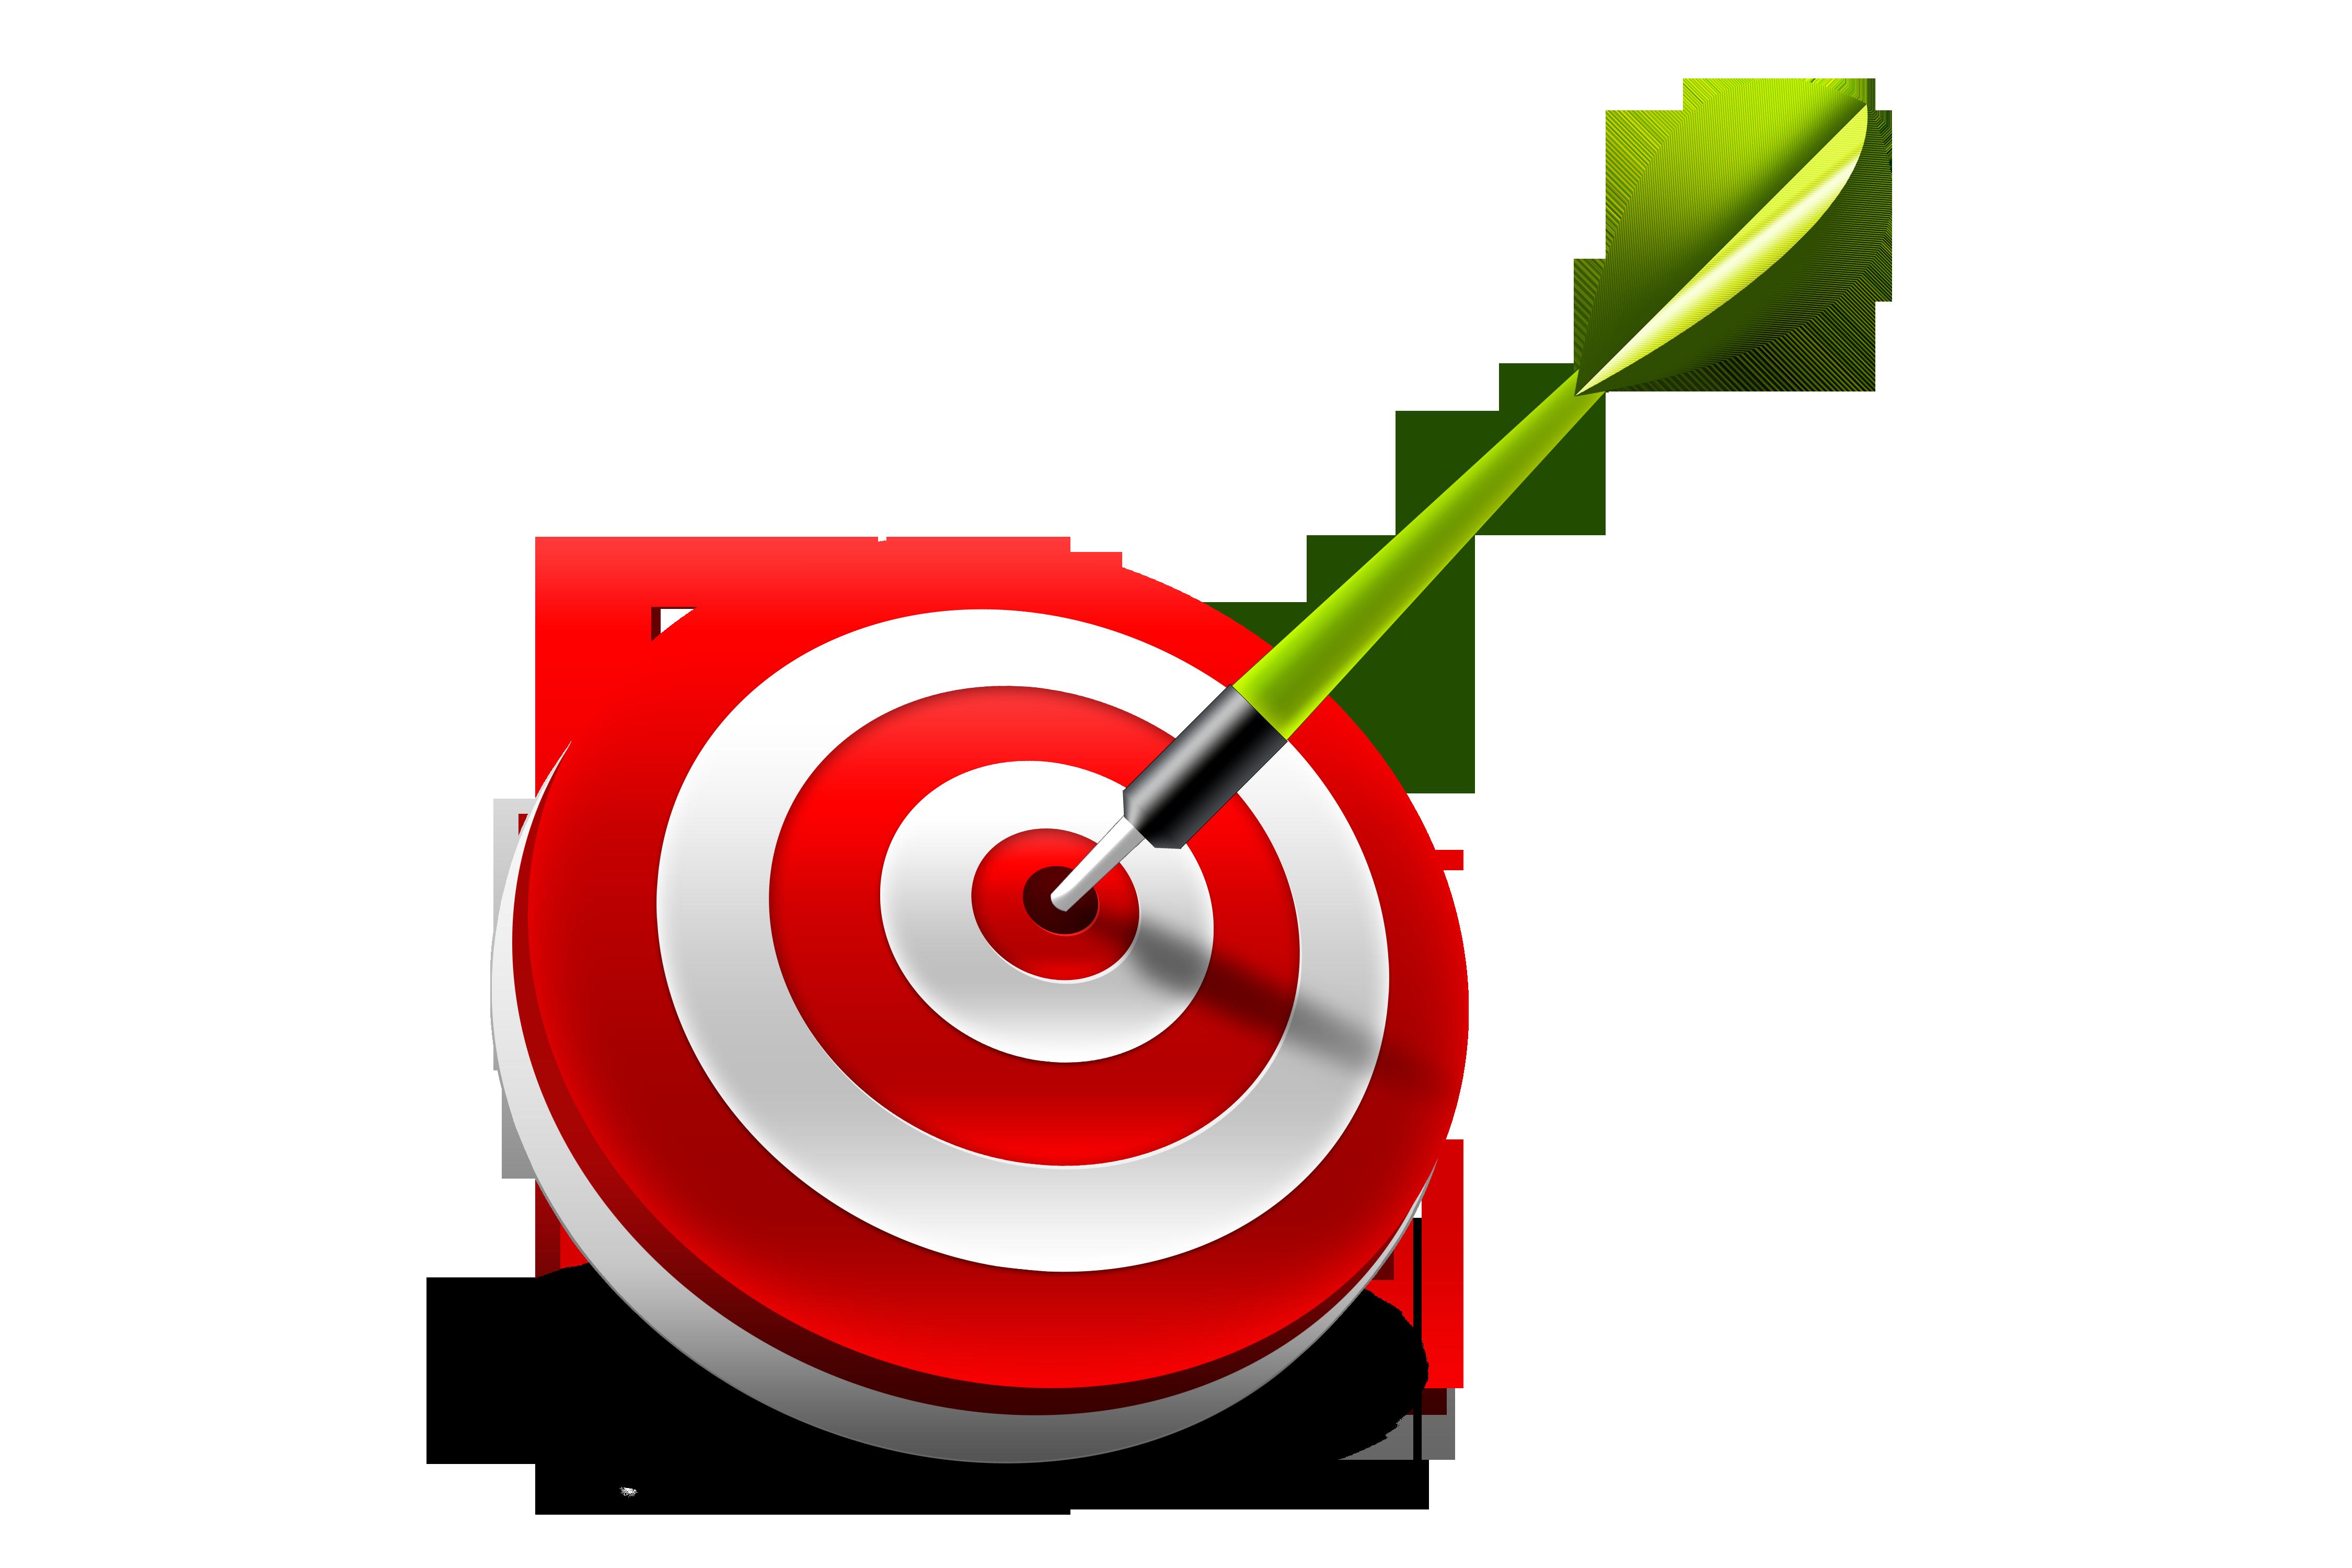 Darts clip art d. Bullseye clipart dart